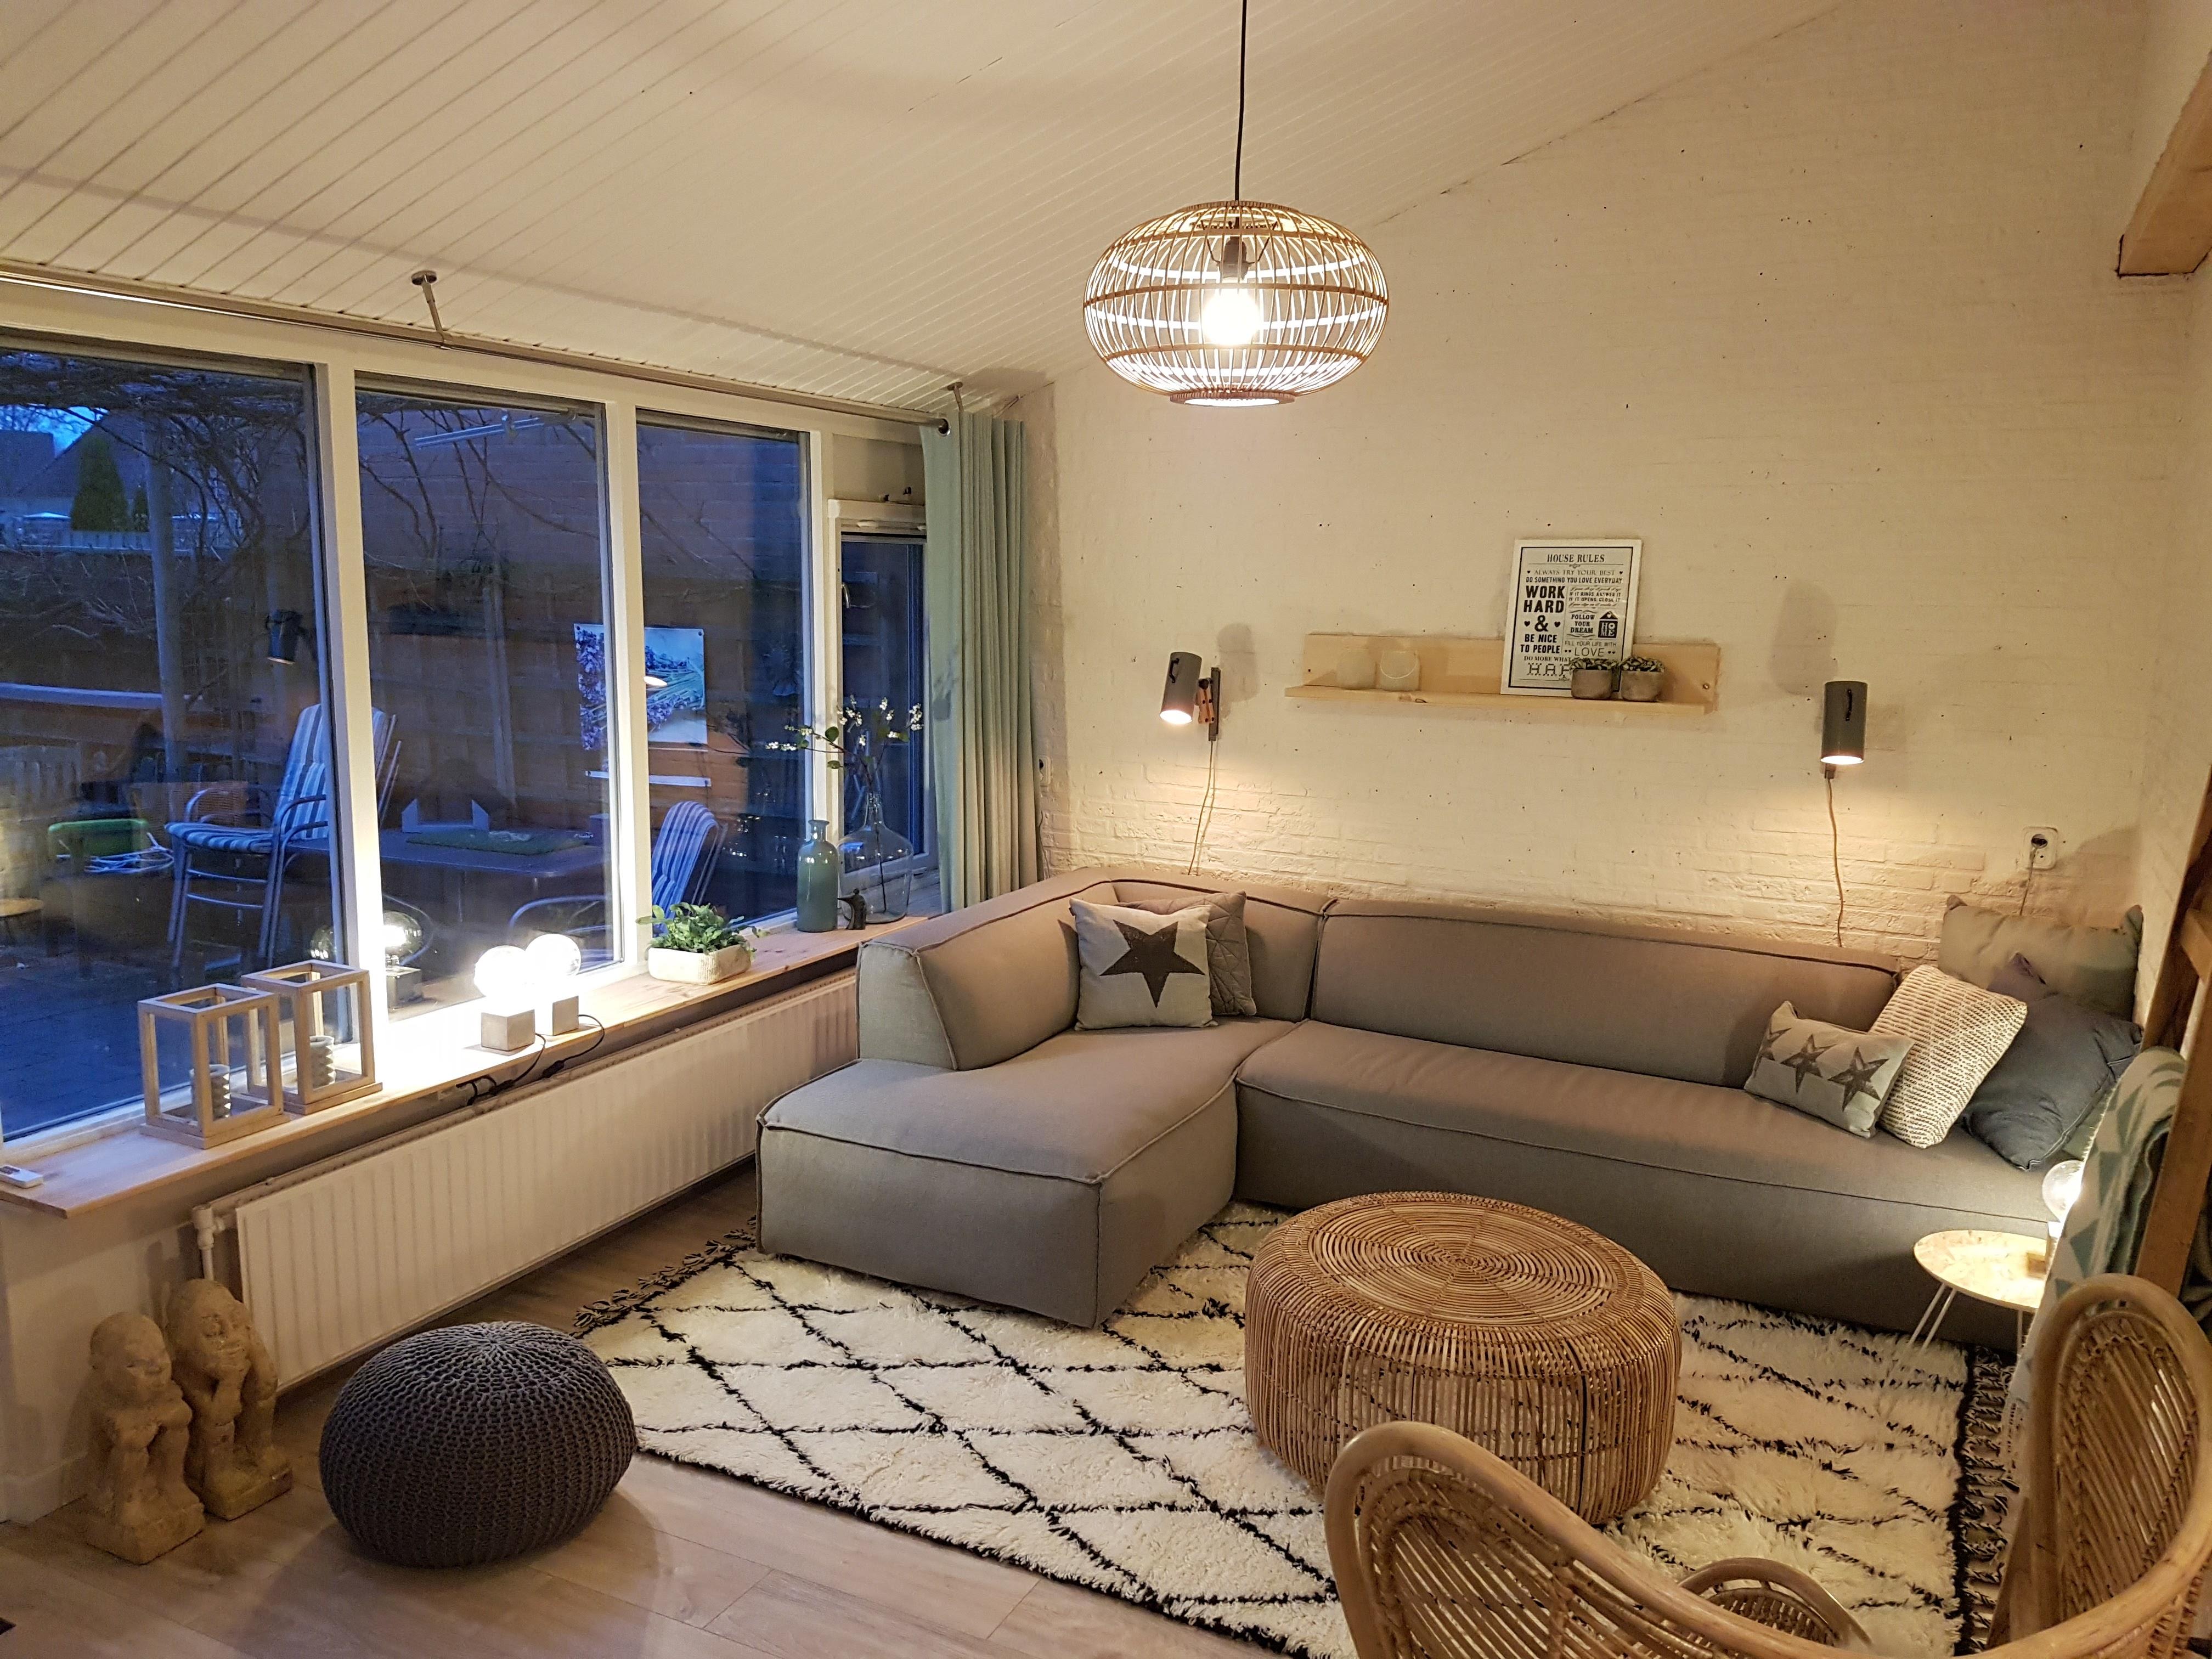 Eethoek In Woonkamer : Herinrichting woonkamer en eethoek sandras interieurstyling